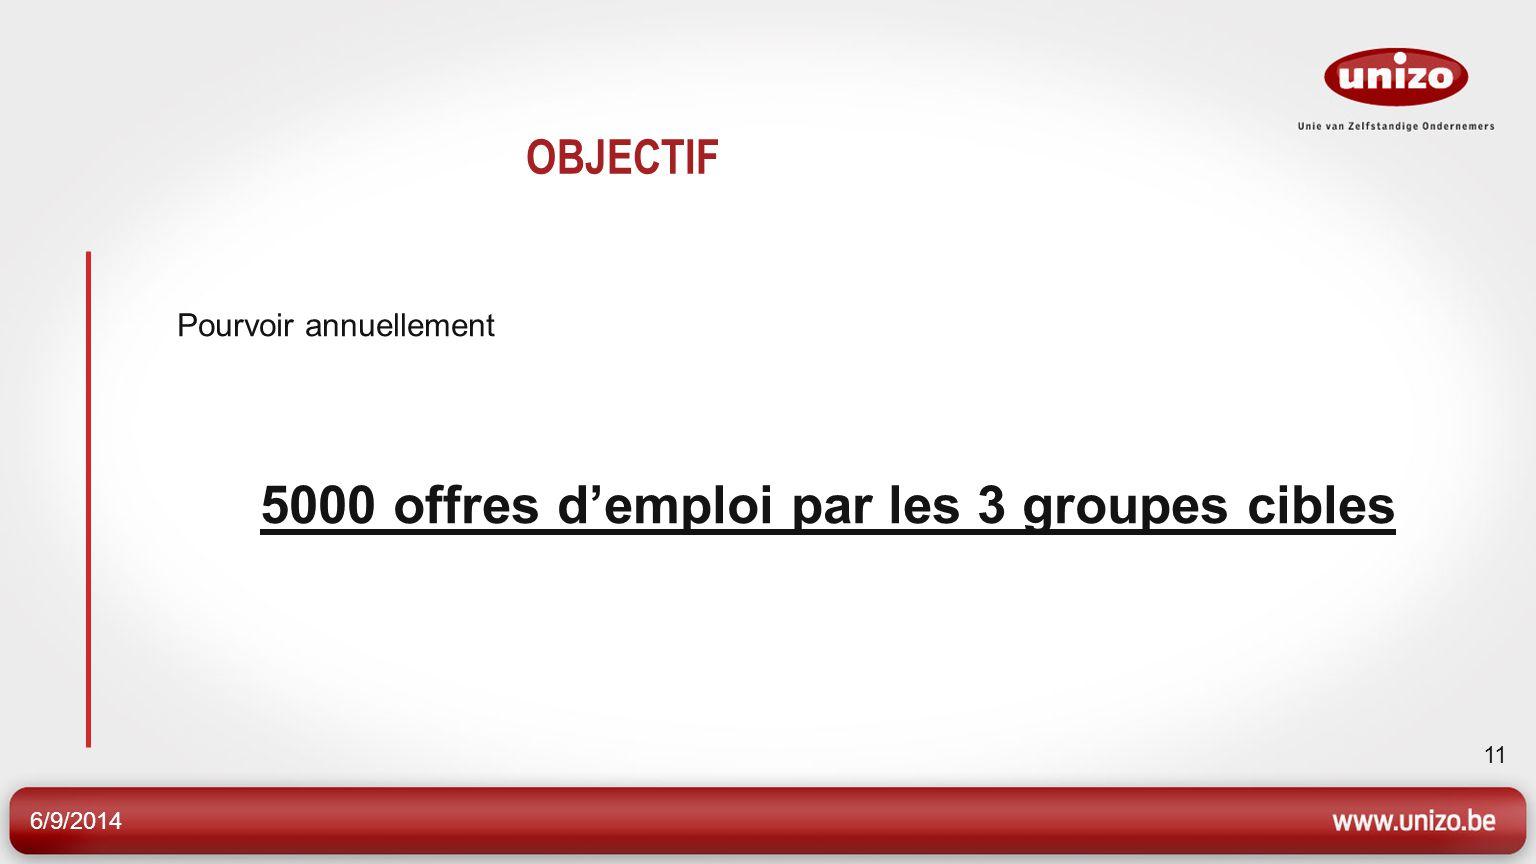 6/9/2014 11 OBJECTIF Pourvoir annuellement 5000 offres demploi par les 3 groupes cibles